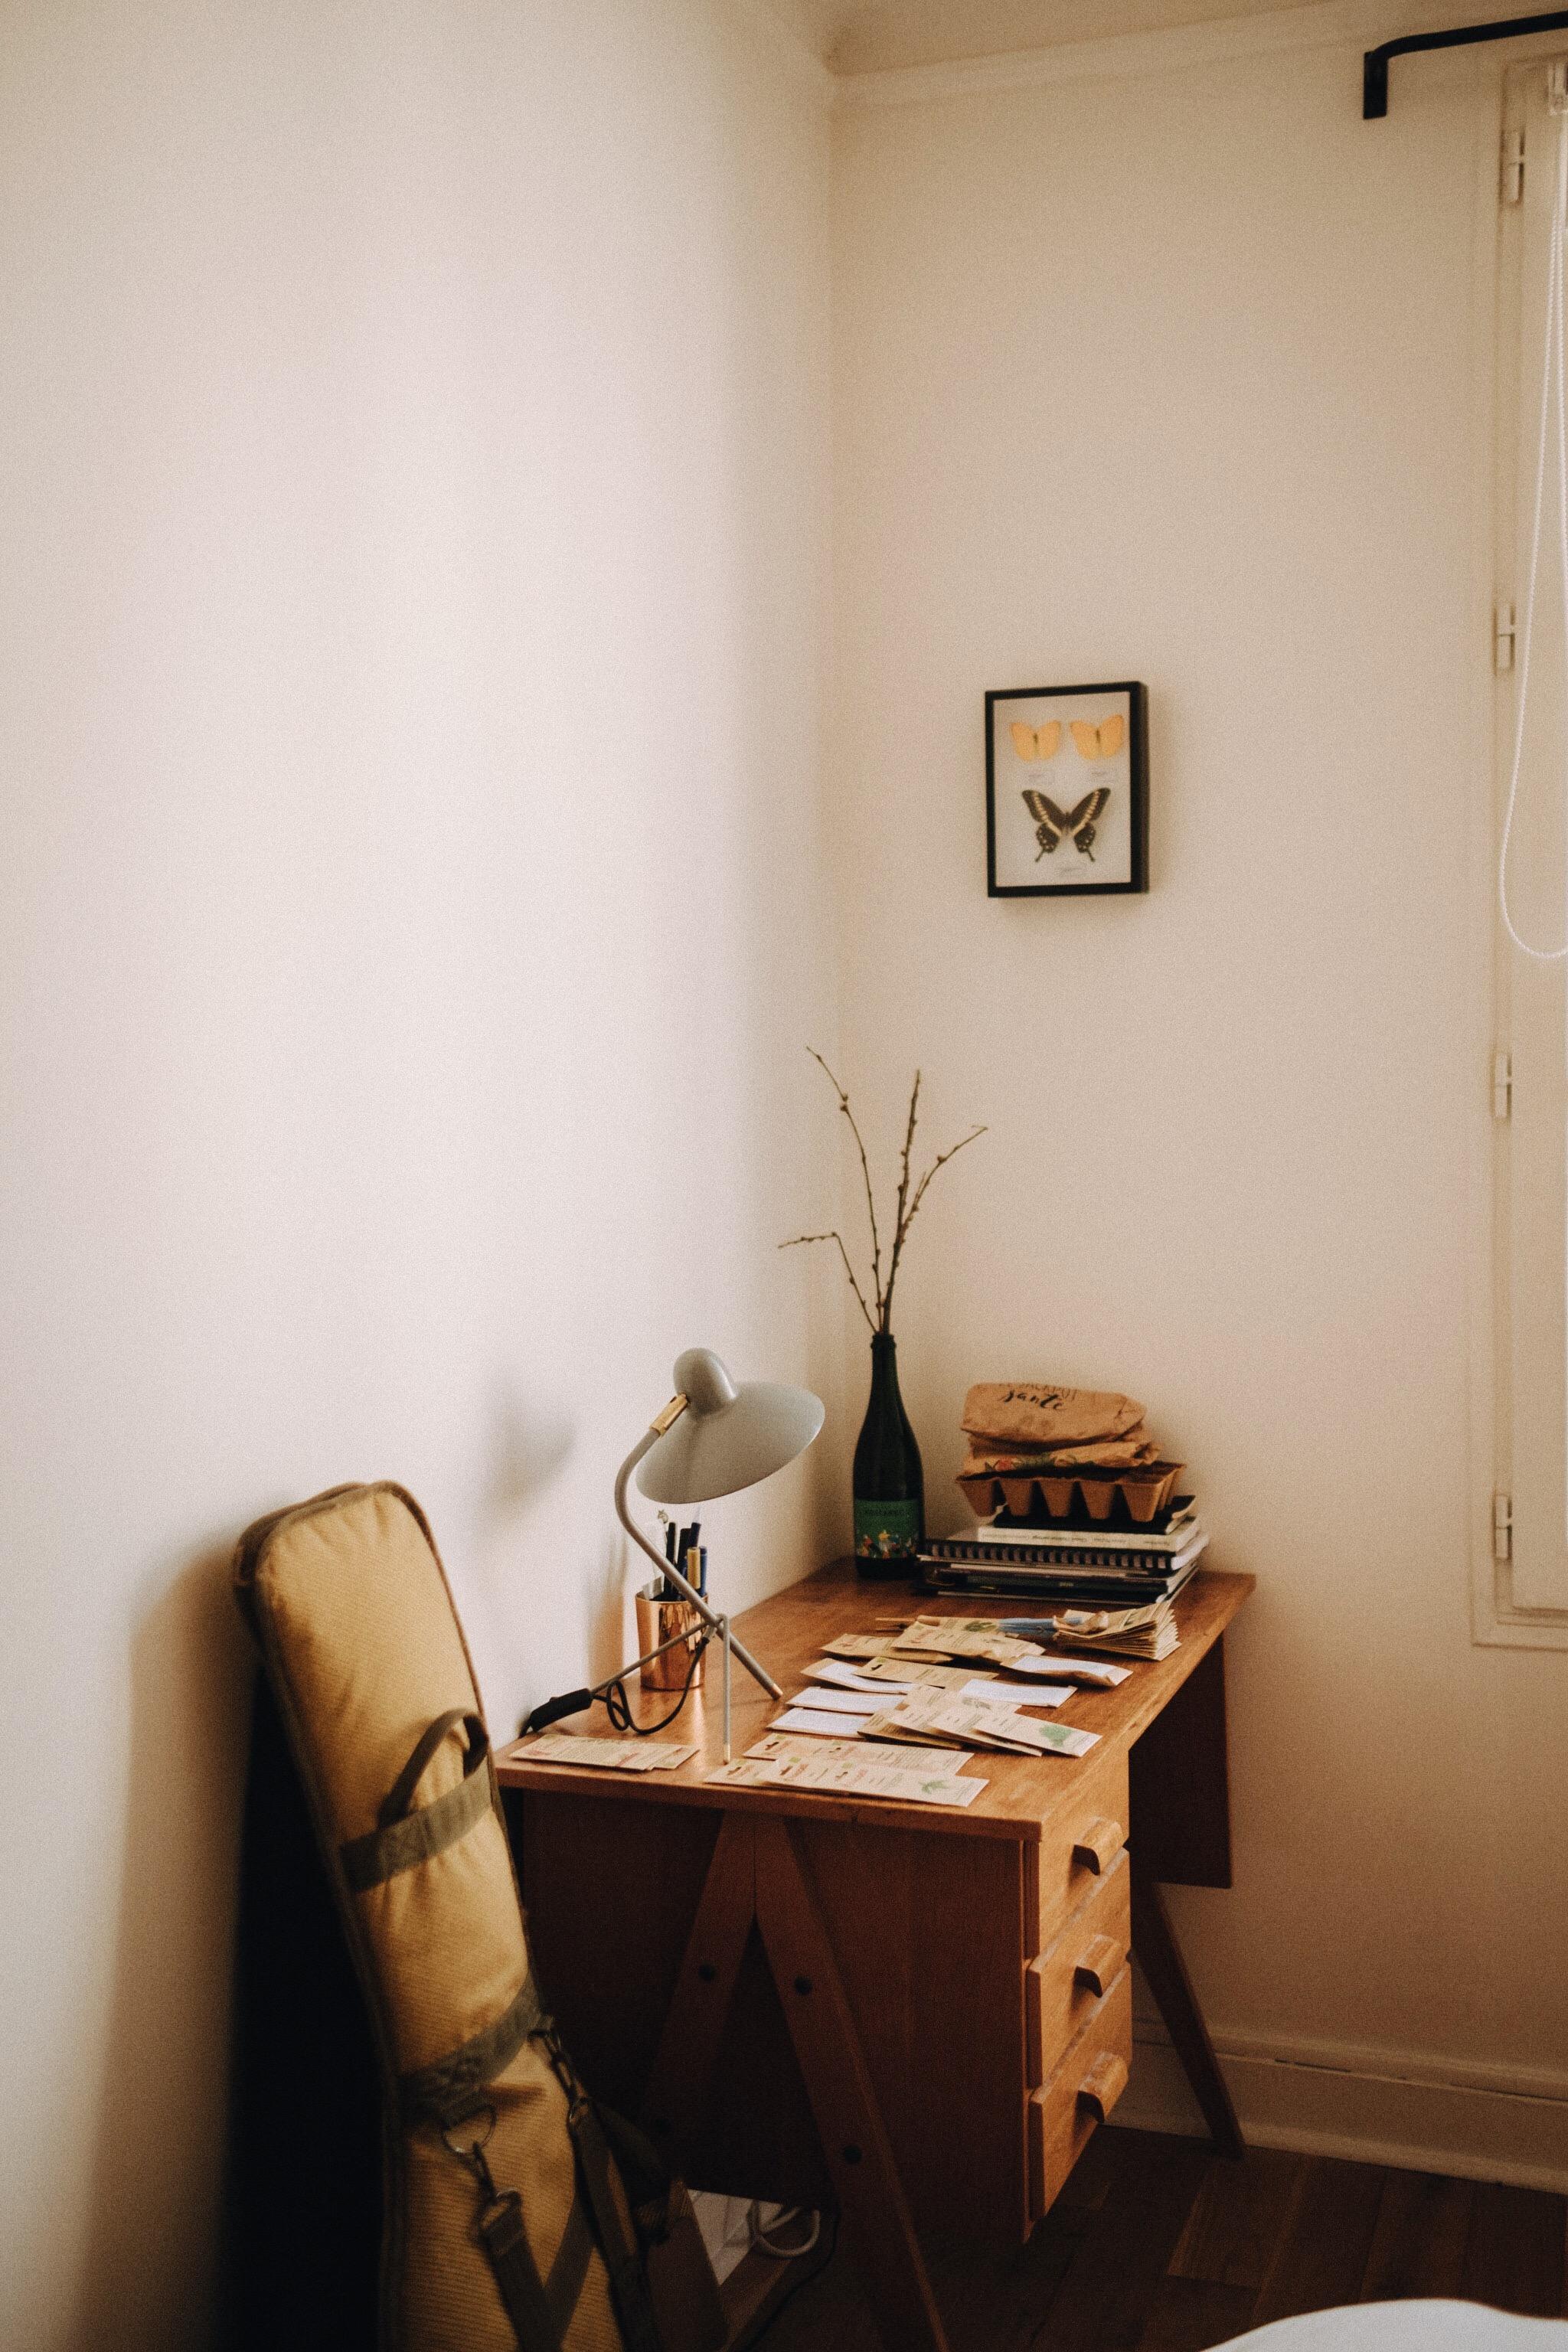 - 3 cantines / cafés où tu aimes te rendre à Paris ?Ma cantine de coeur, celle où je pourrais passer mes journées, c'est le restaurant Le Desnoyez du chef Jean-Marc Sinceux à Belleville. Un établissement grand comme un mouchoir de poche qui laissent tous les effets de mode sur le pas de la porte ! Et sinon, j'adore passer du temps chez Mokonuts. Moko Hirayama et son mari, Omar Koreitem sont solaires. Prendre un petit-déjeuner ou un goûter dans leur établissement, c'est l'assurance de repartir avec un shot de bonne humeur. Et sinon, j'adore travailler au Hood, un coffee-shop en bas de chez moi.